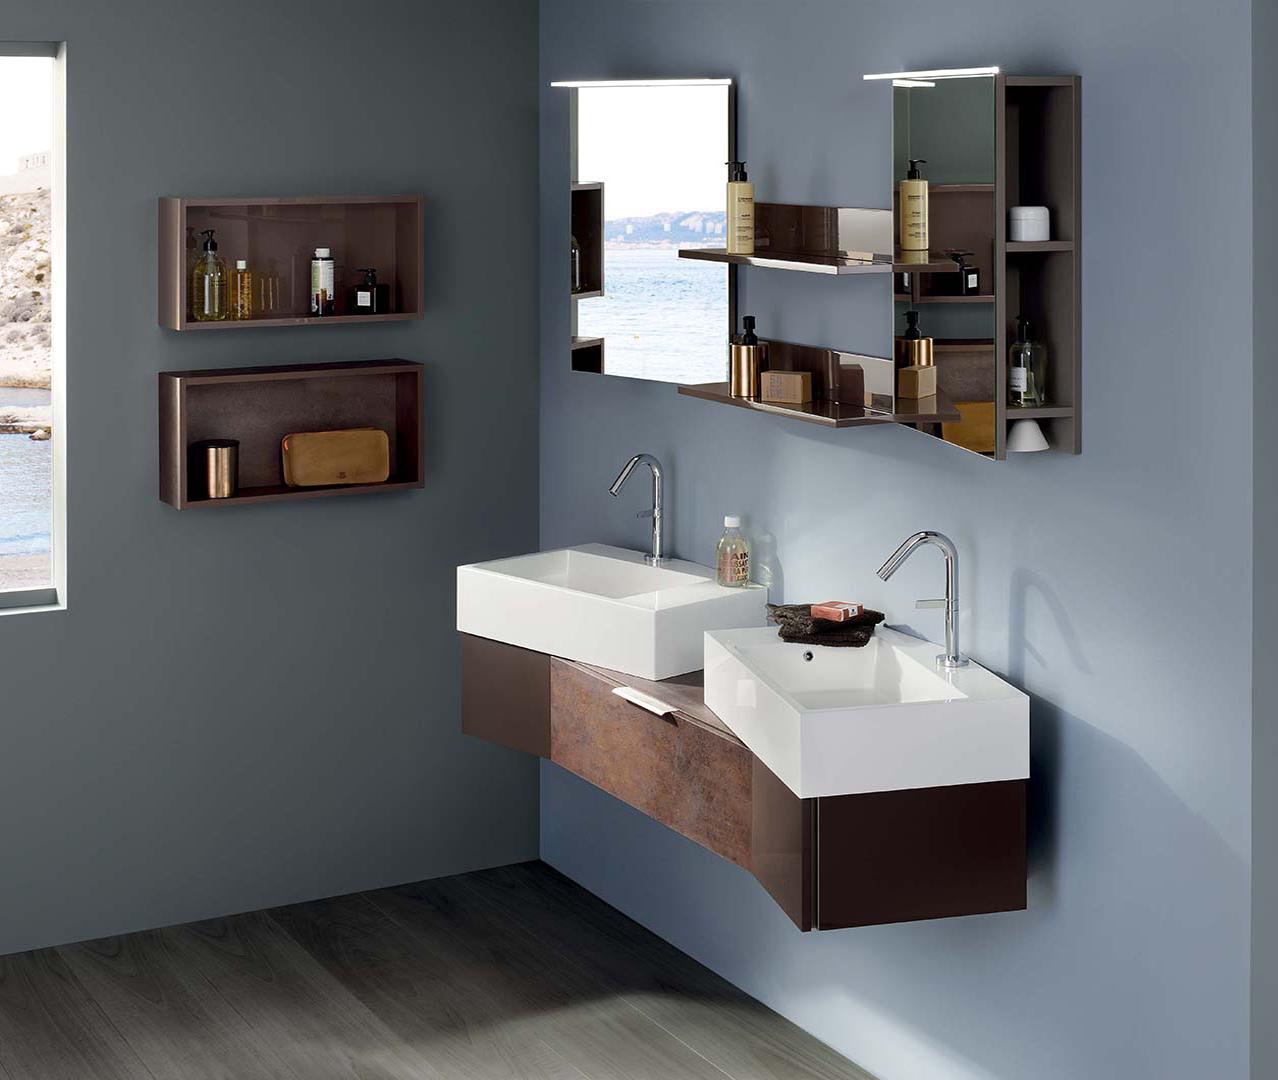 Toutes nos gammes meuble salle de bains sanijura for Colonne de salle de bain sanijura